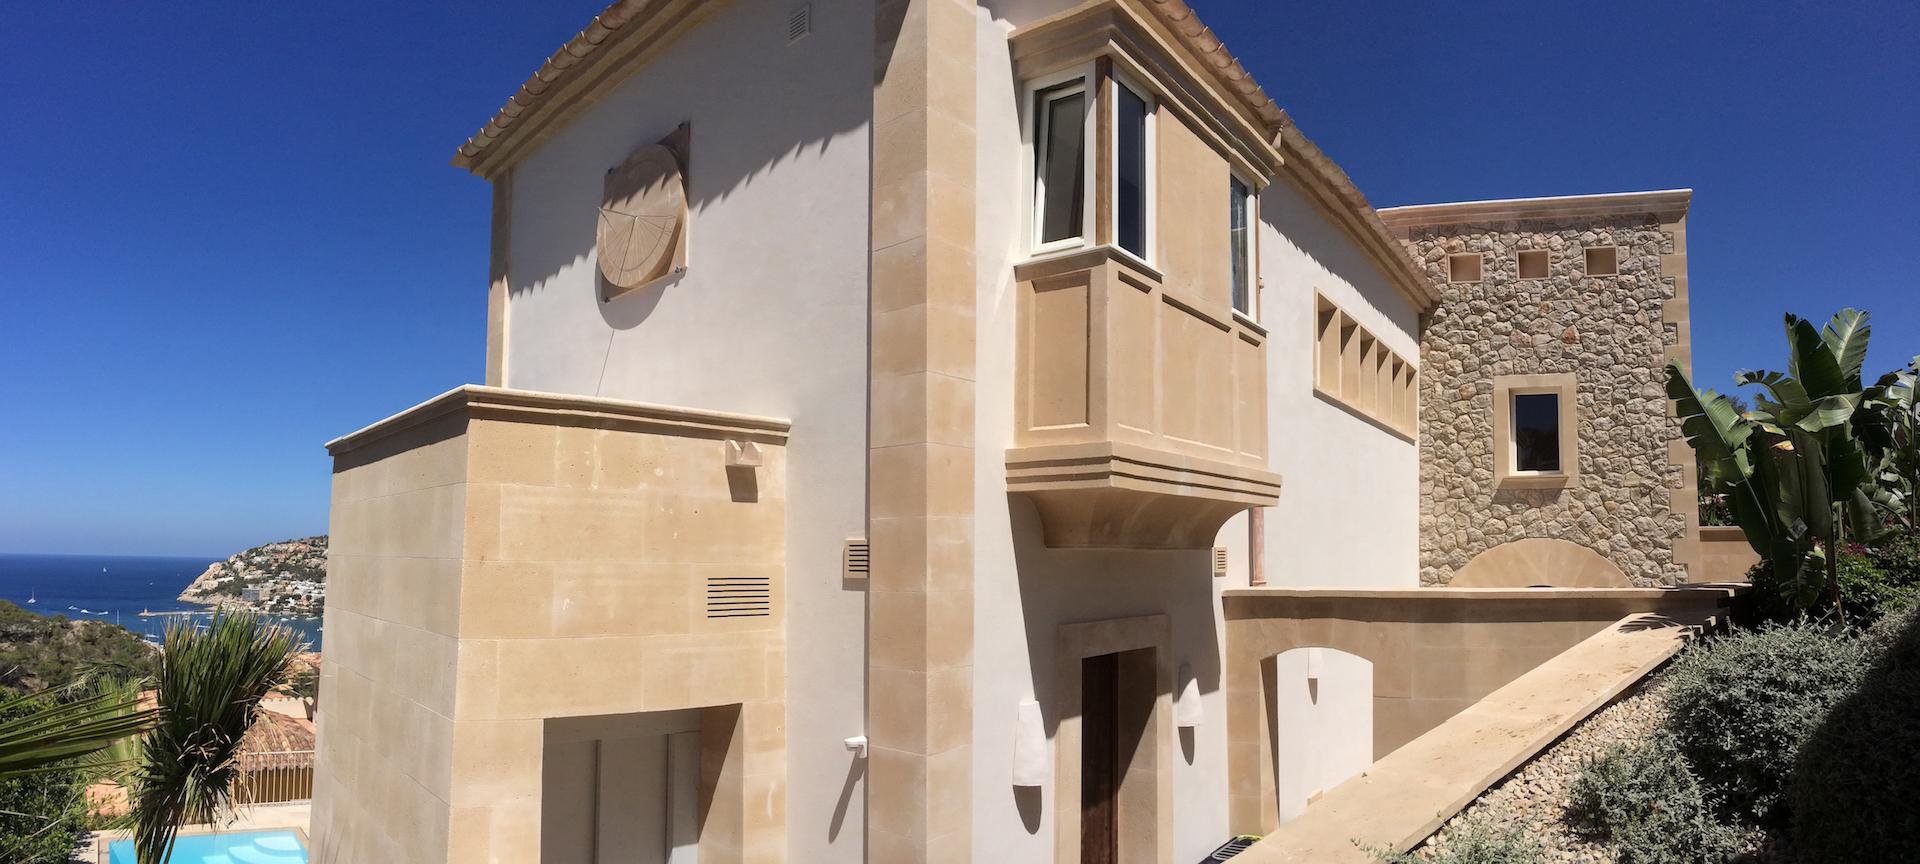 Single family houses siurell alibaz construcci n - Empresas de construccion en mallorca ...